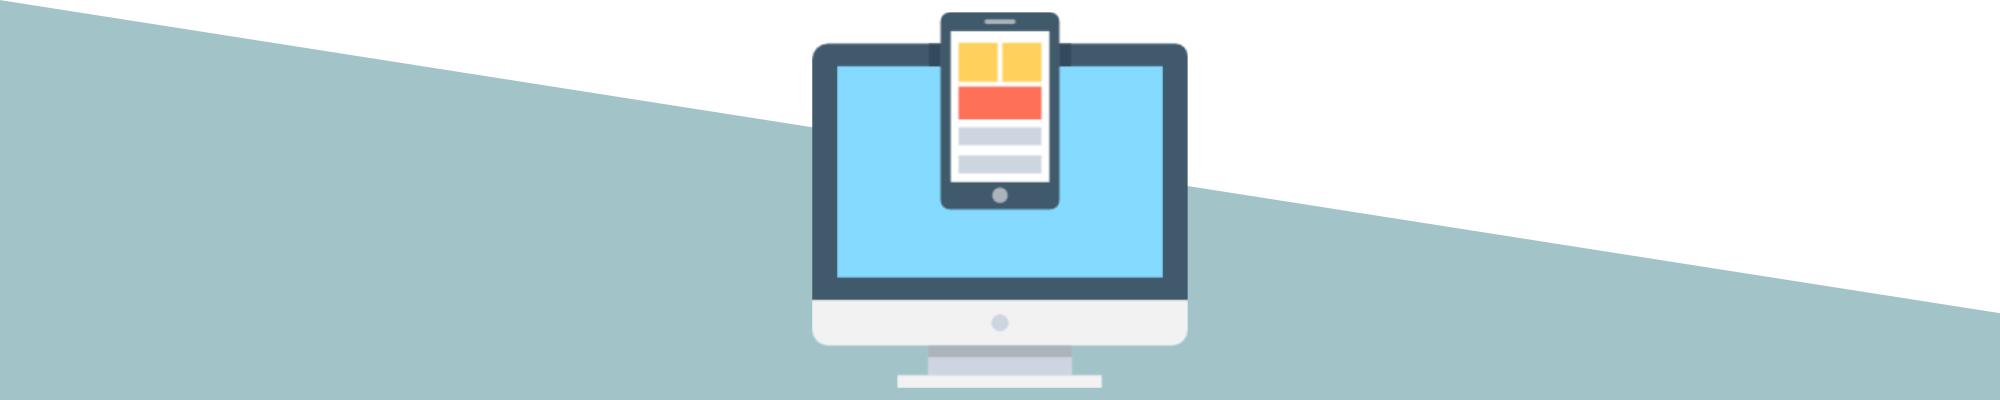 Säkra din hemsida för mobil och dator.